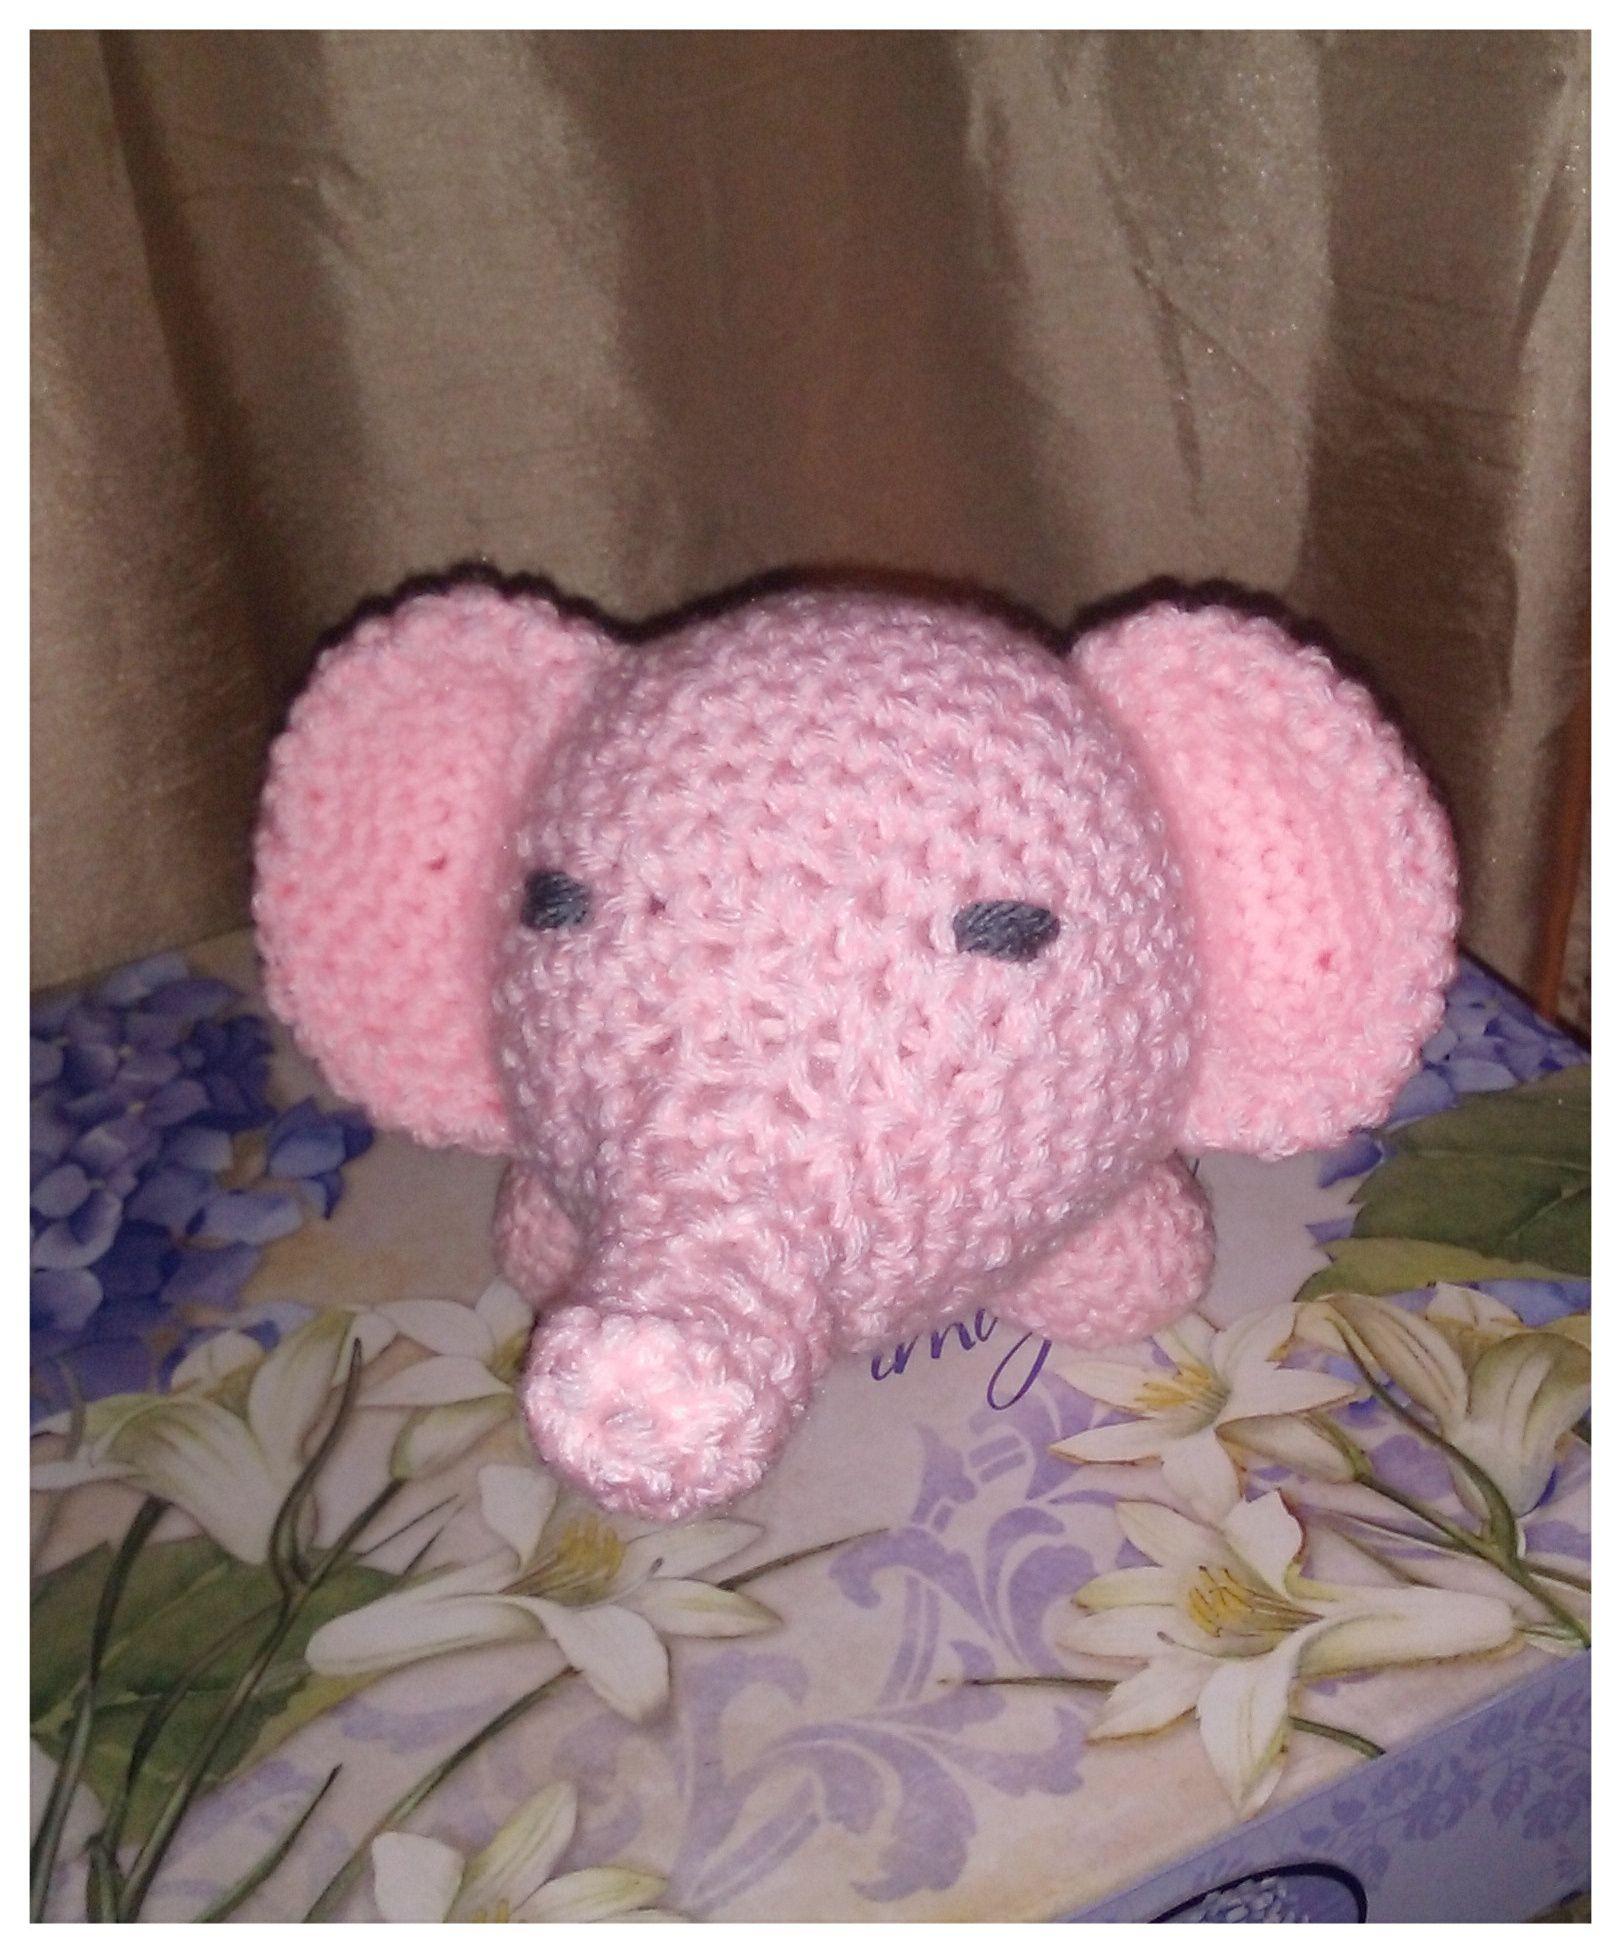 Three Week Old Newborn Baby Boy Wearing A Gray Crocheted Elephant ... | 1953x1621